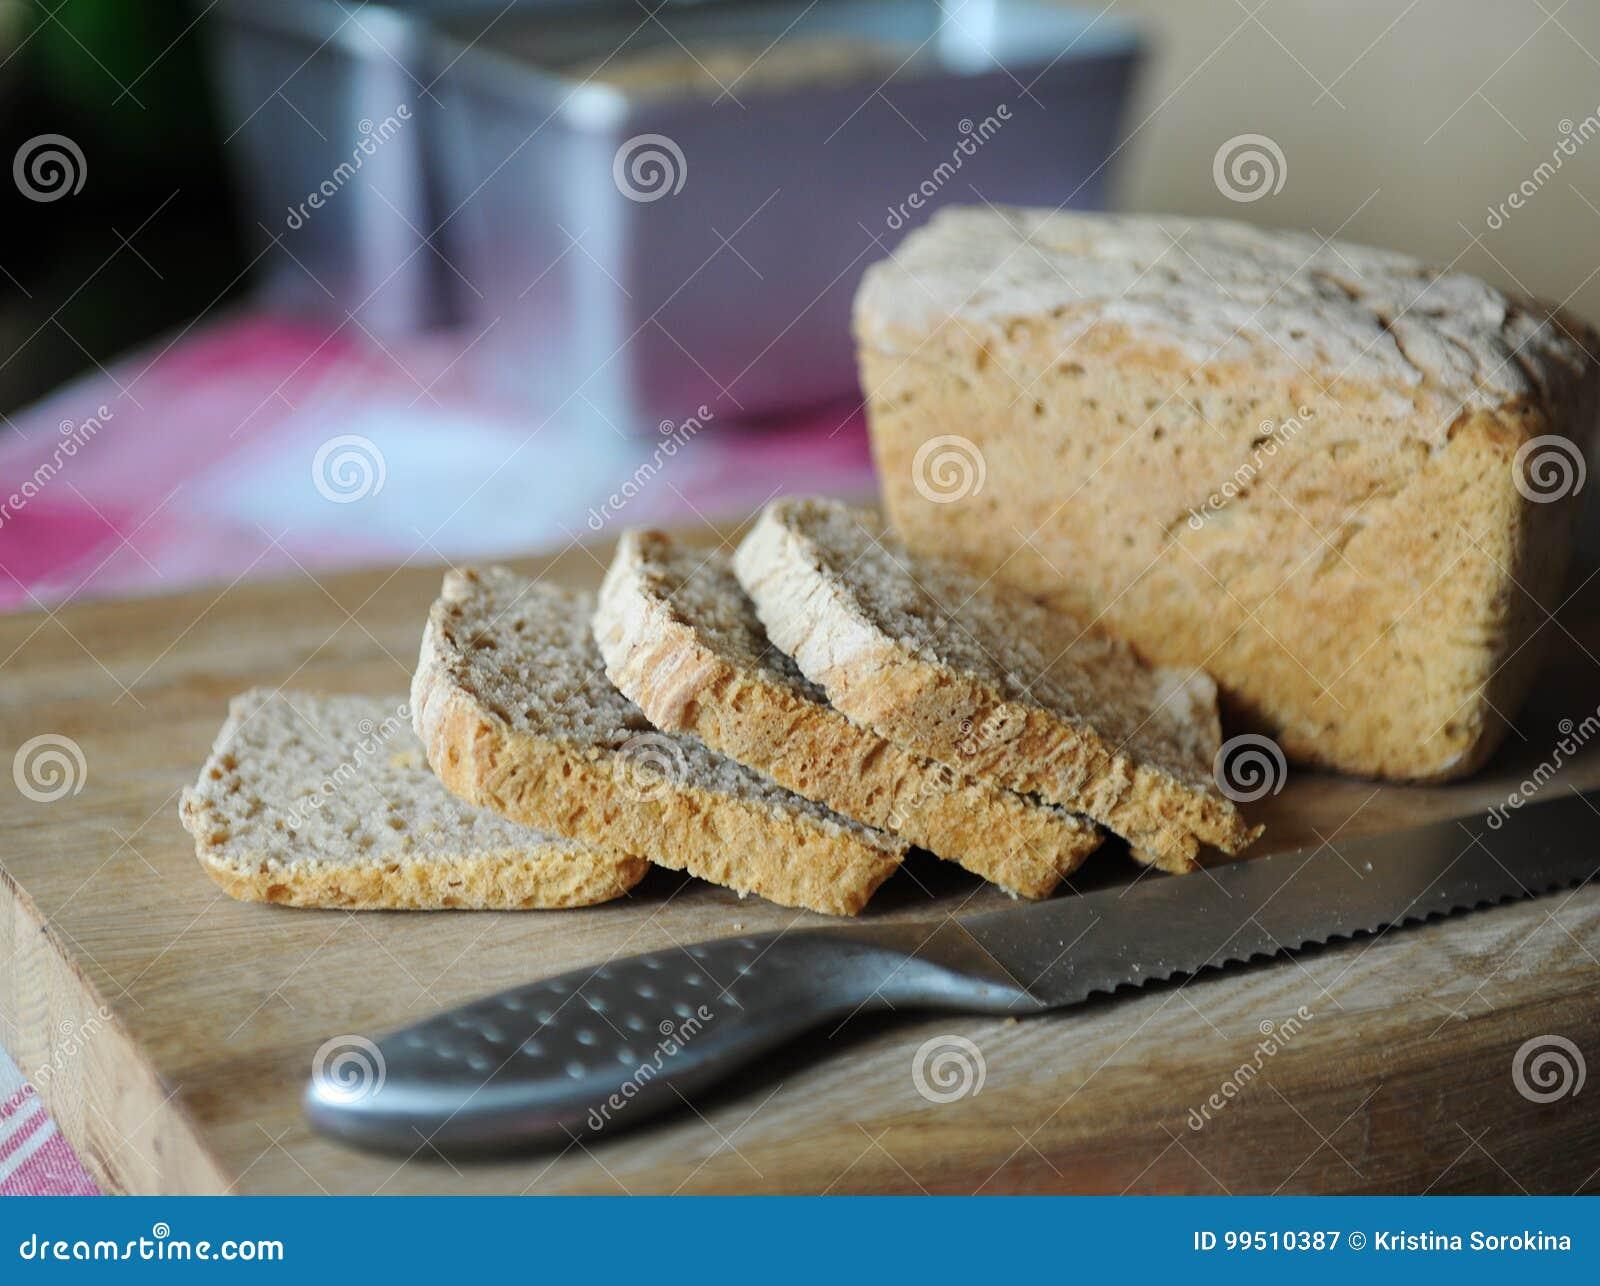 Φρέσκο ψωμί σε ένα ένζυμο σίκαλης χωρίς ζύμη που κόβεται σε έναν ξύλινο τέμνοντα πίνακα σε ένα ελεγμένο τραπεζομάντιλο